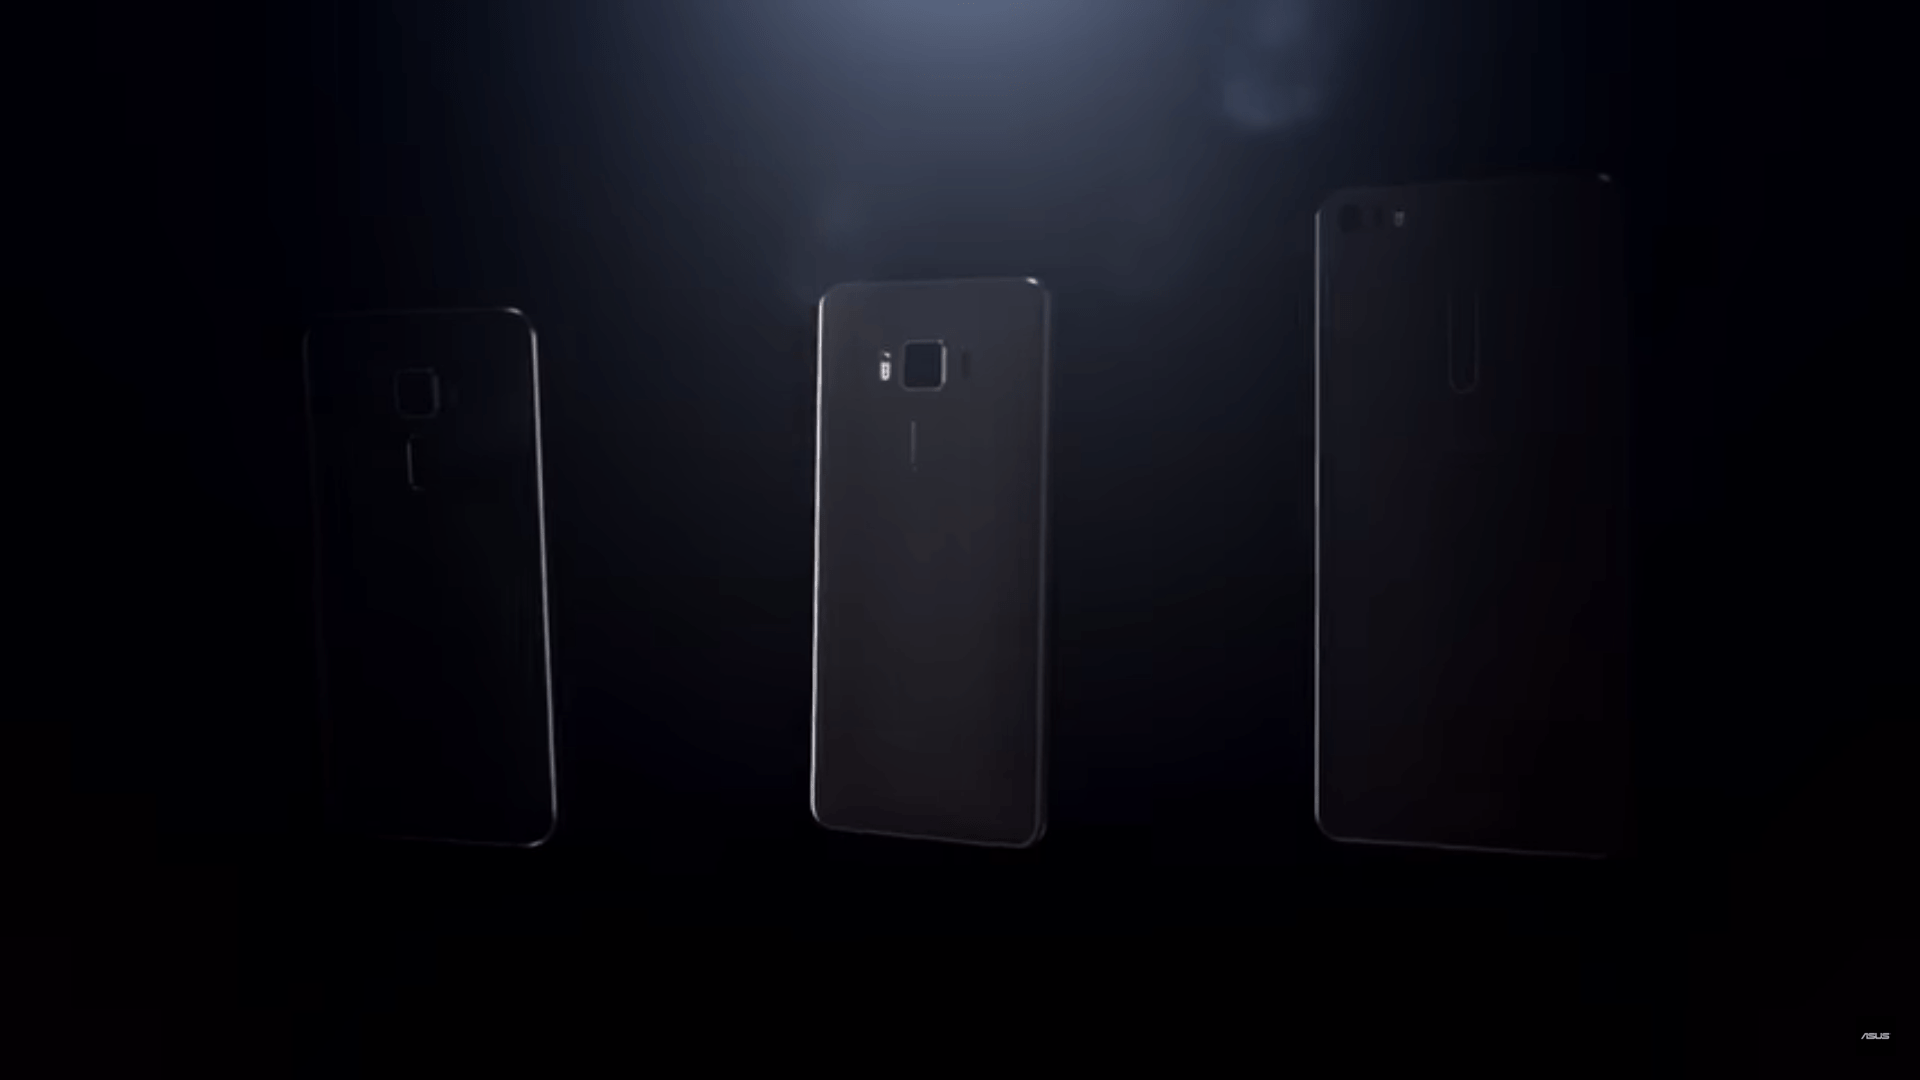 Asus opublikował zapowiedź premiery Zenfone 3 23